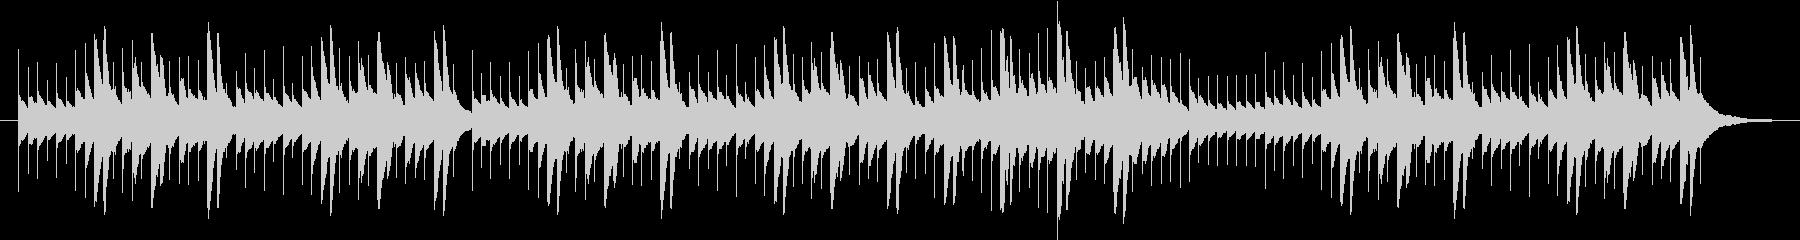 エリーゼのために、オルゴール風の未再生の波形